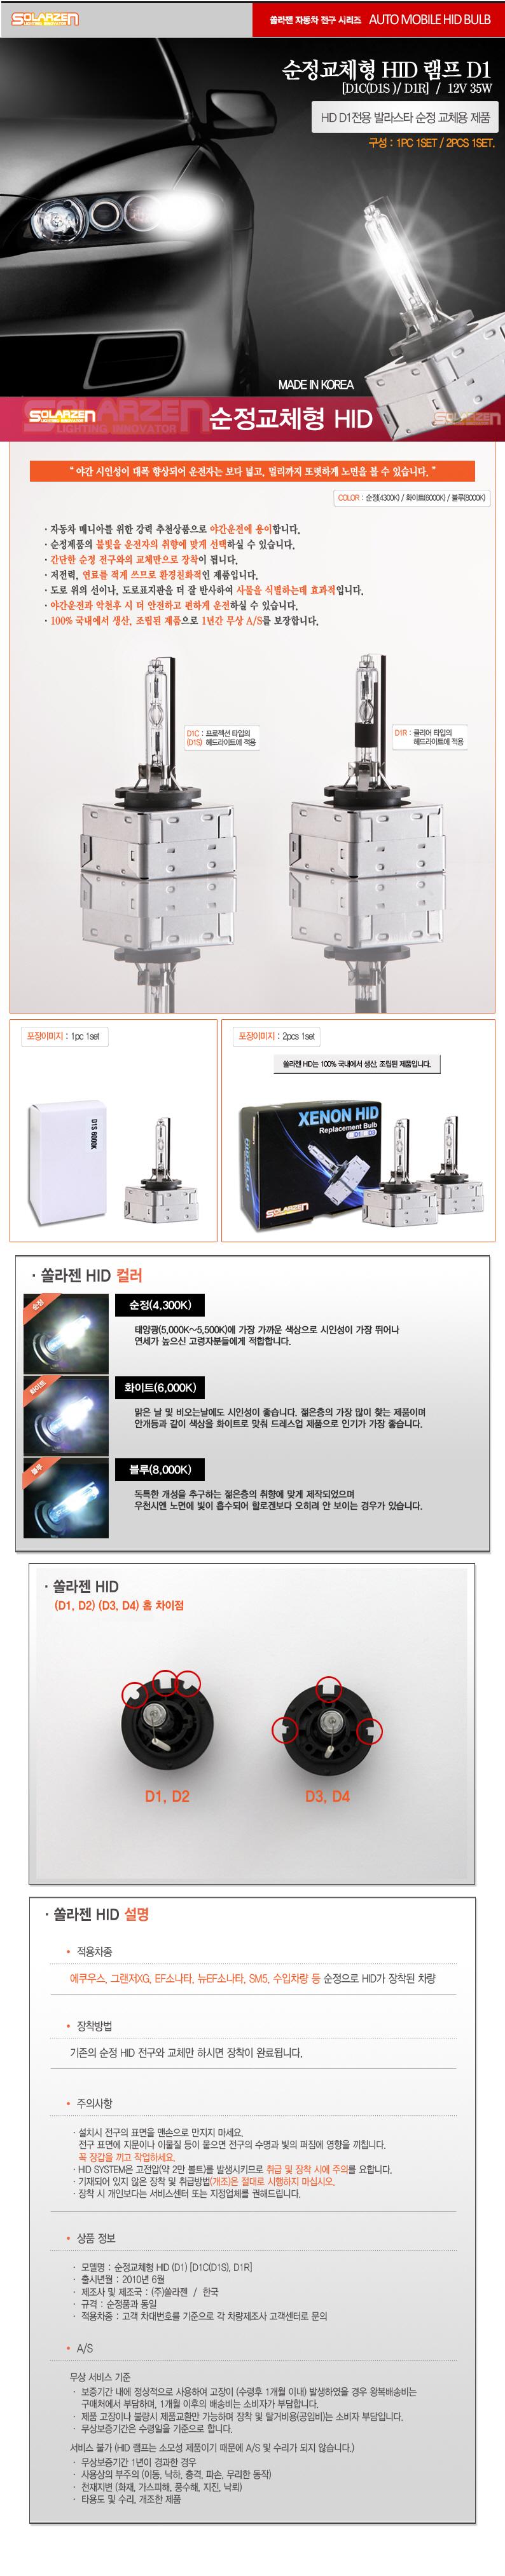 solarzen_HID_D1_explain_01.jpg